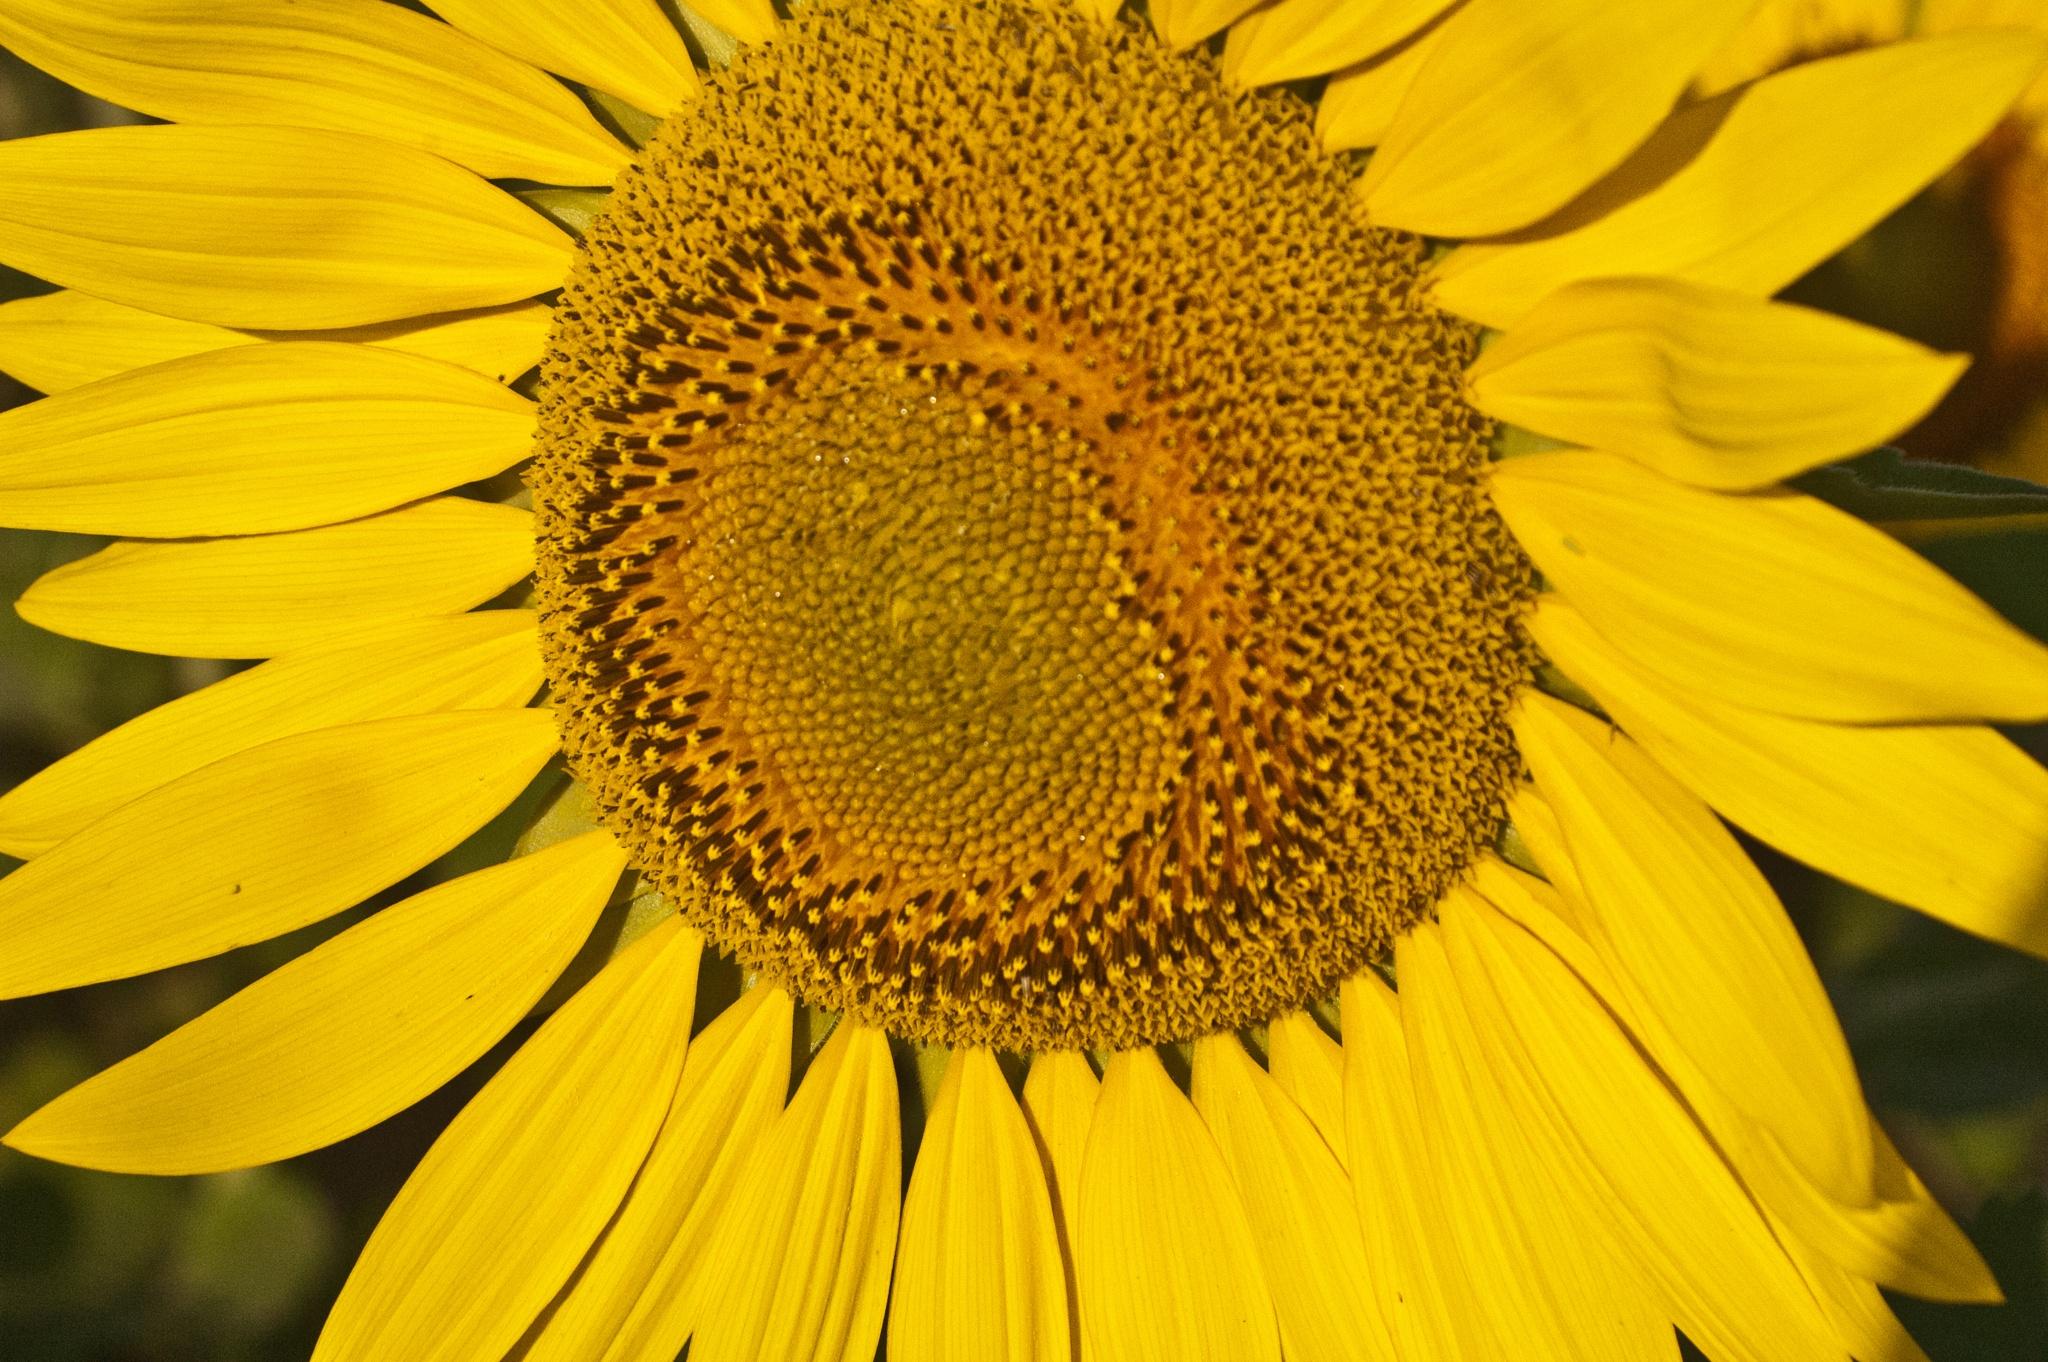 Sunflower 3 by Brady Williams